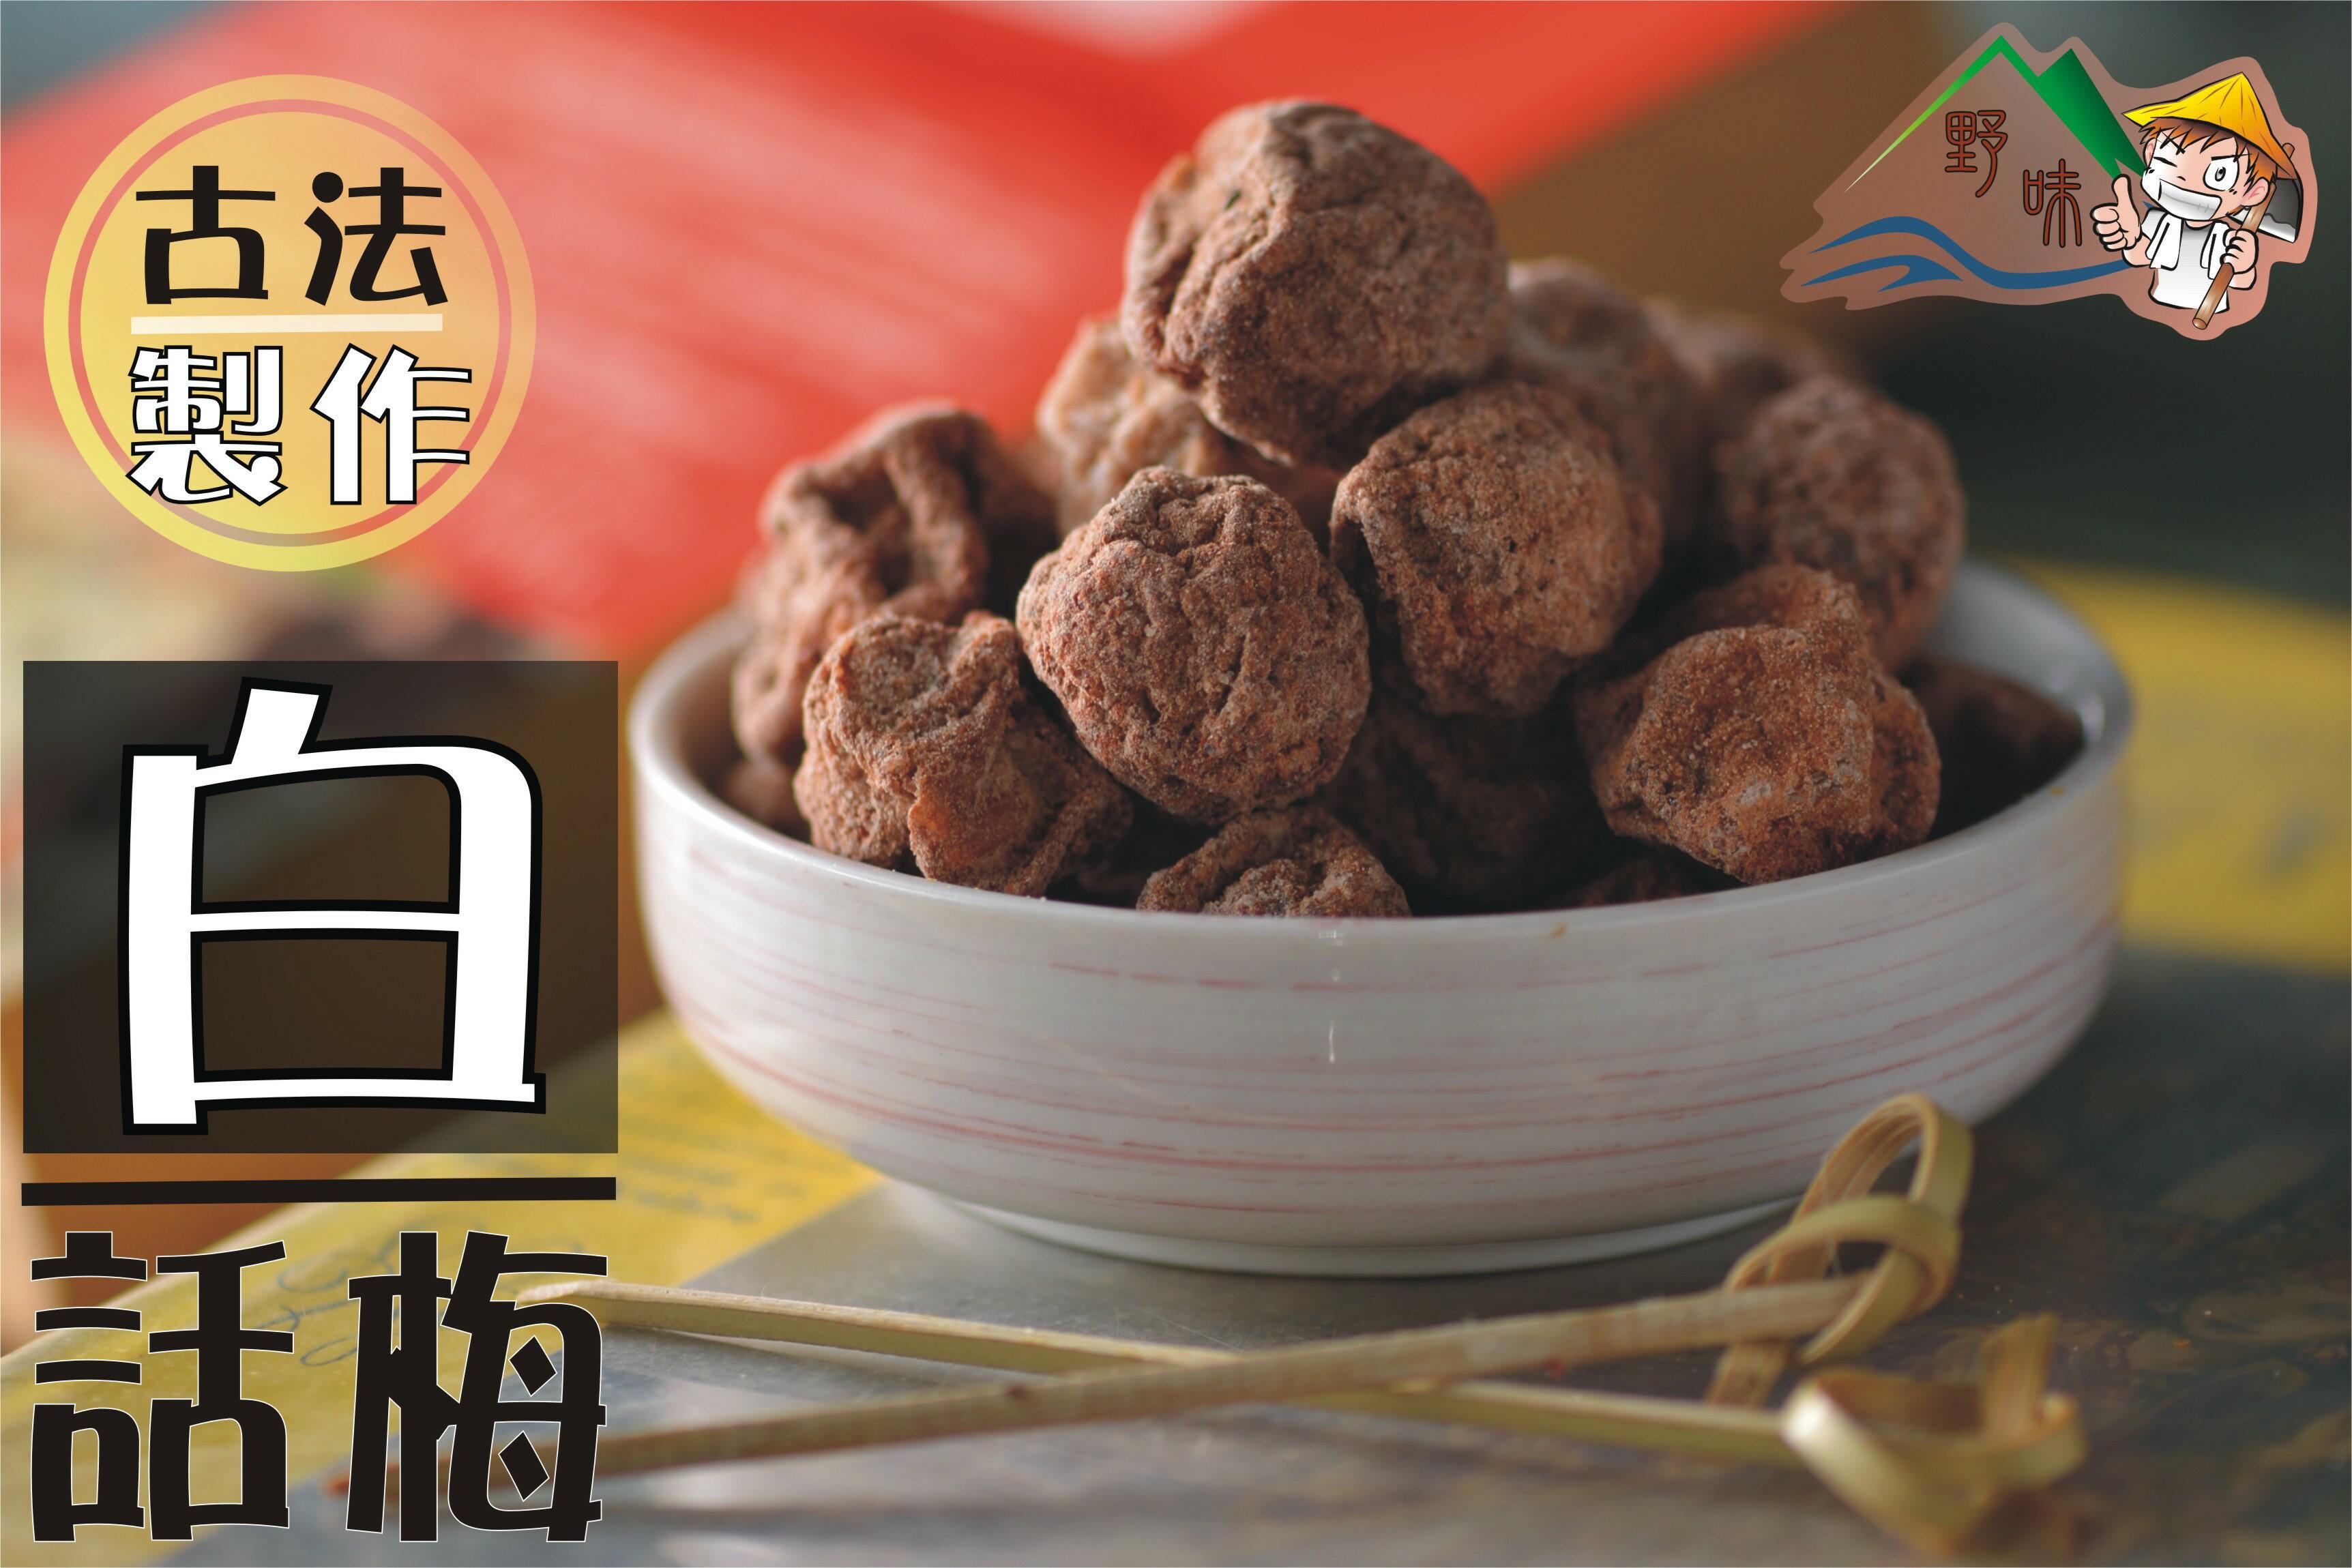 【野味食品】白話梅165g/包,500g/包(海山調理話梅)